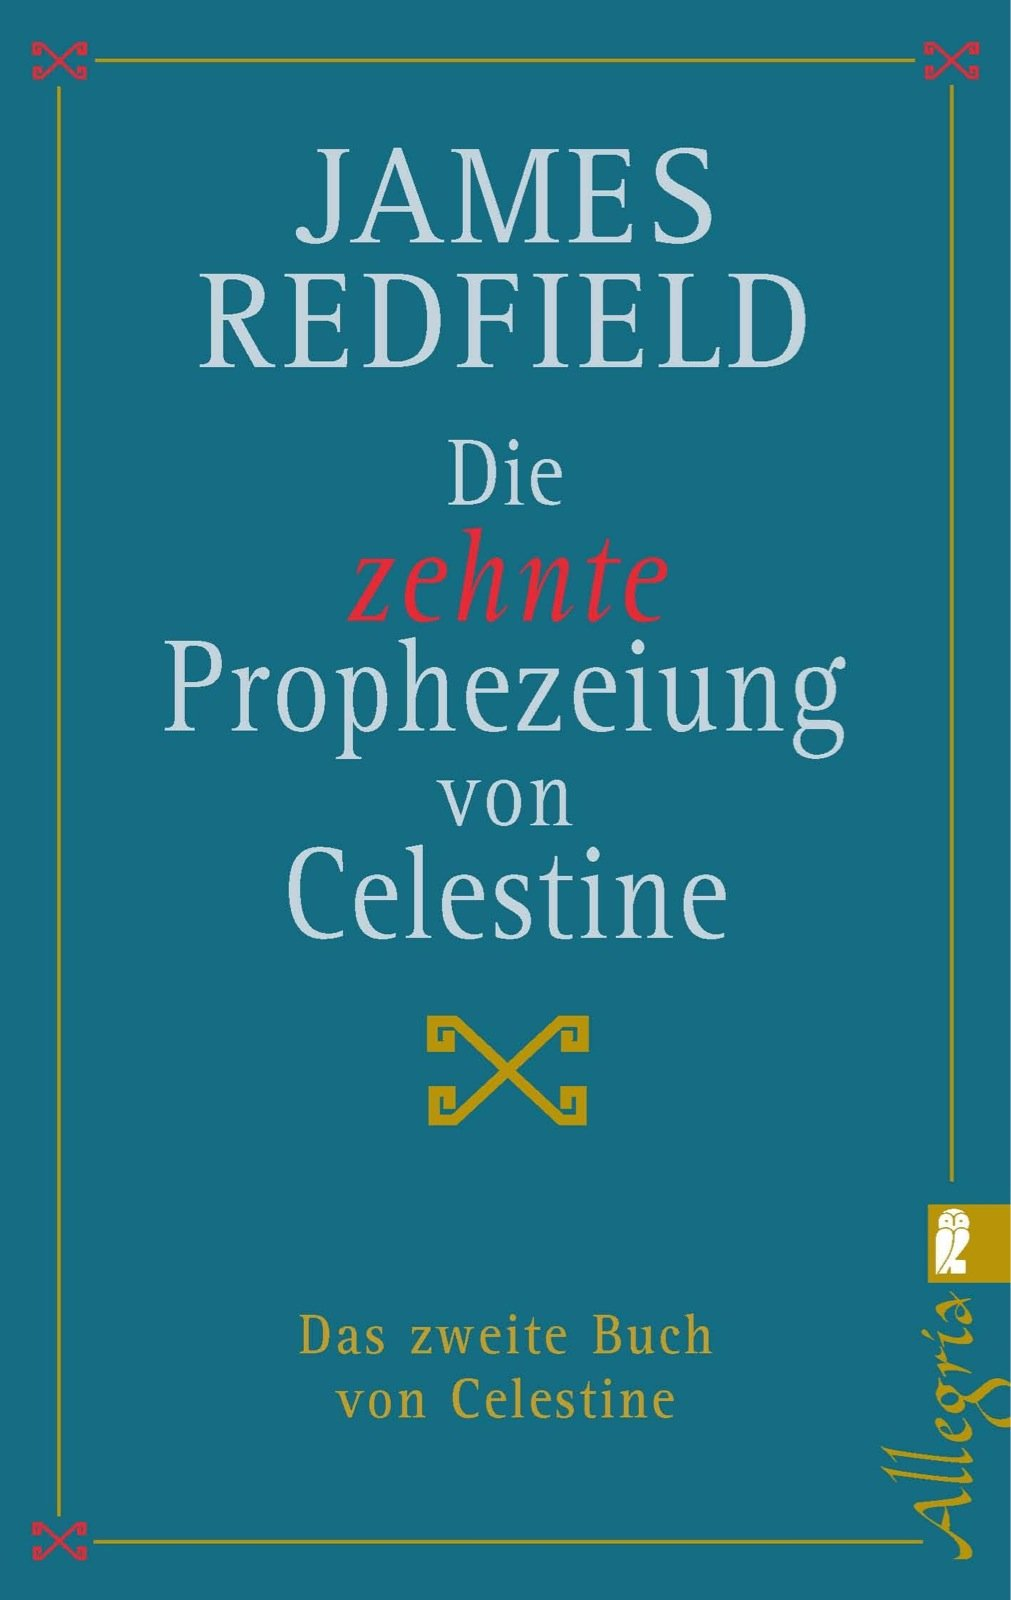 Die zehnte Prophezeiung von Celestine. Das zweite Buch von Celestine